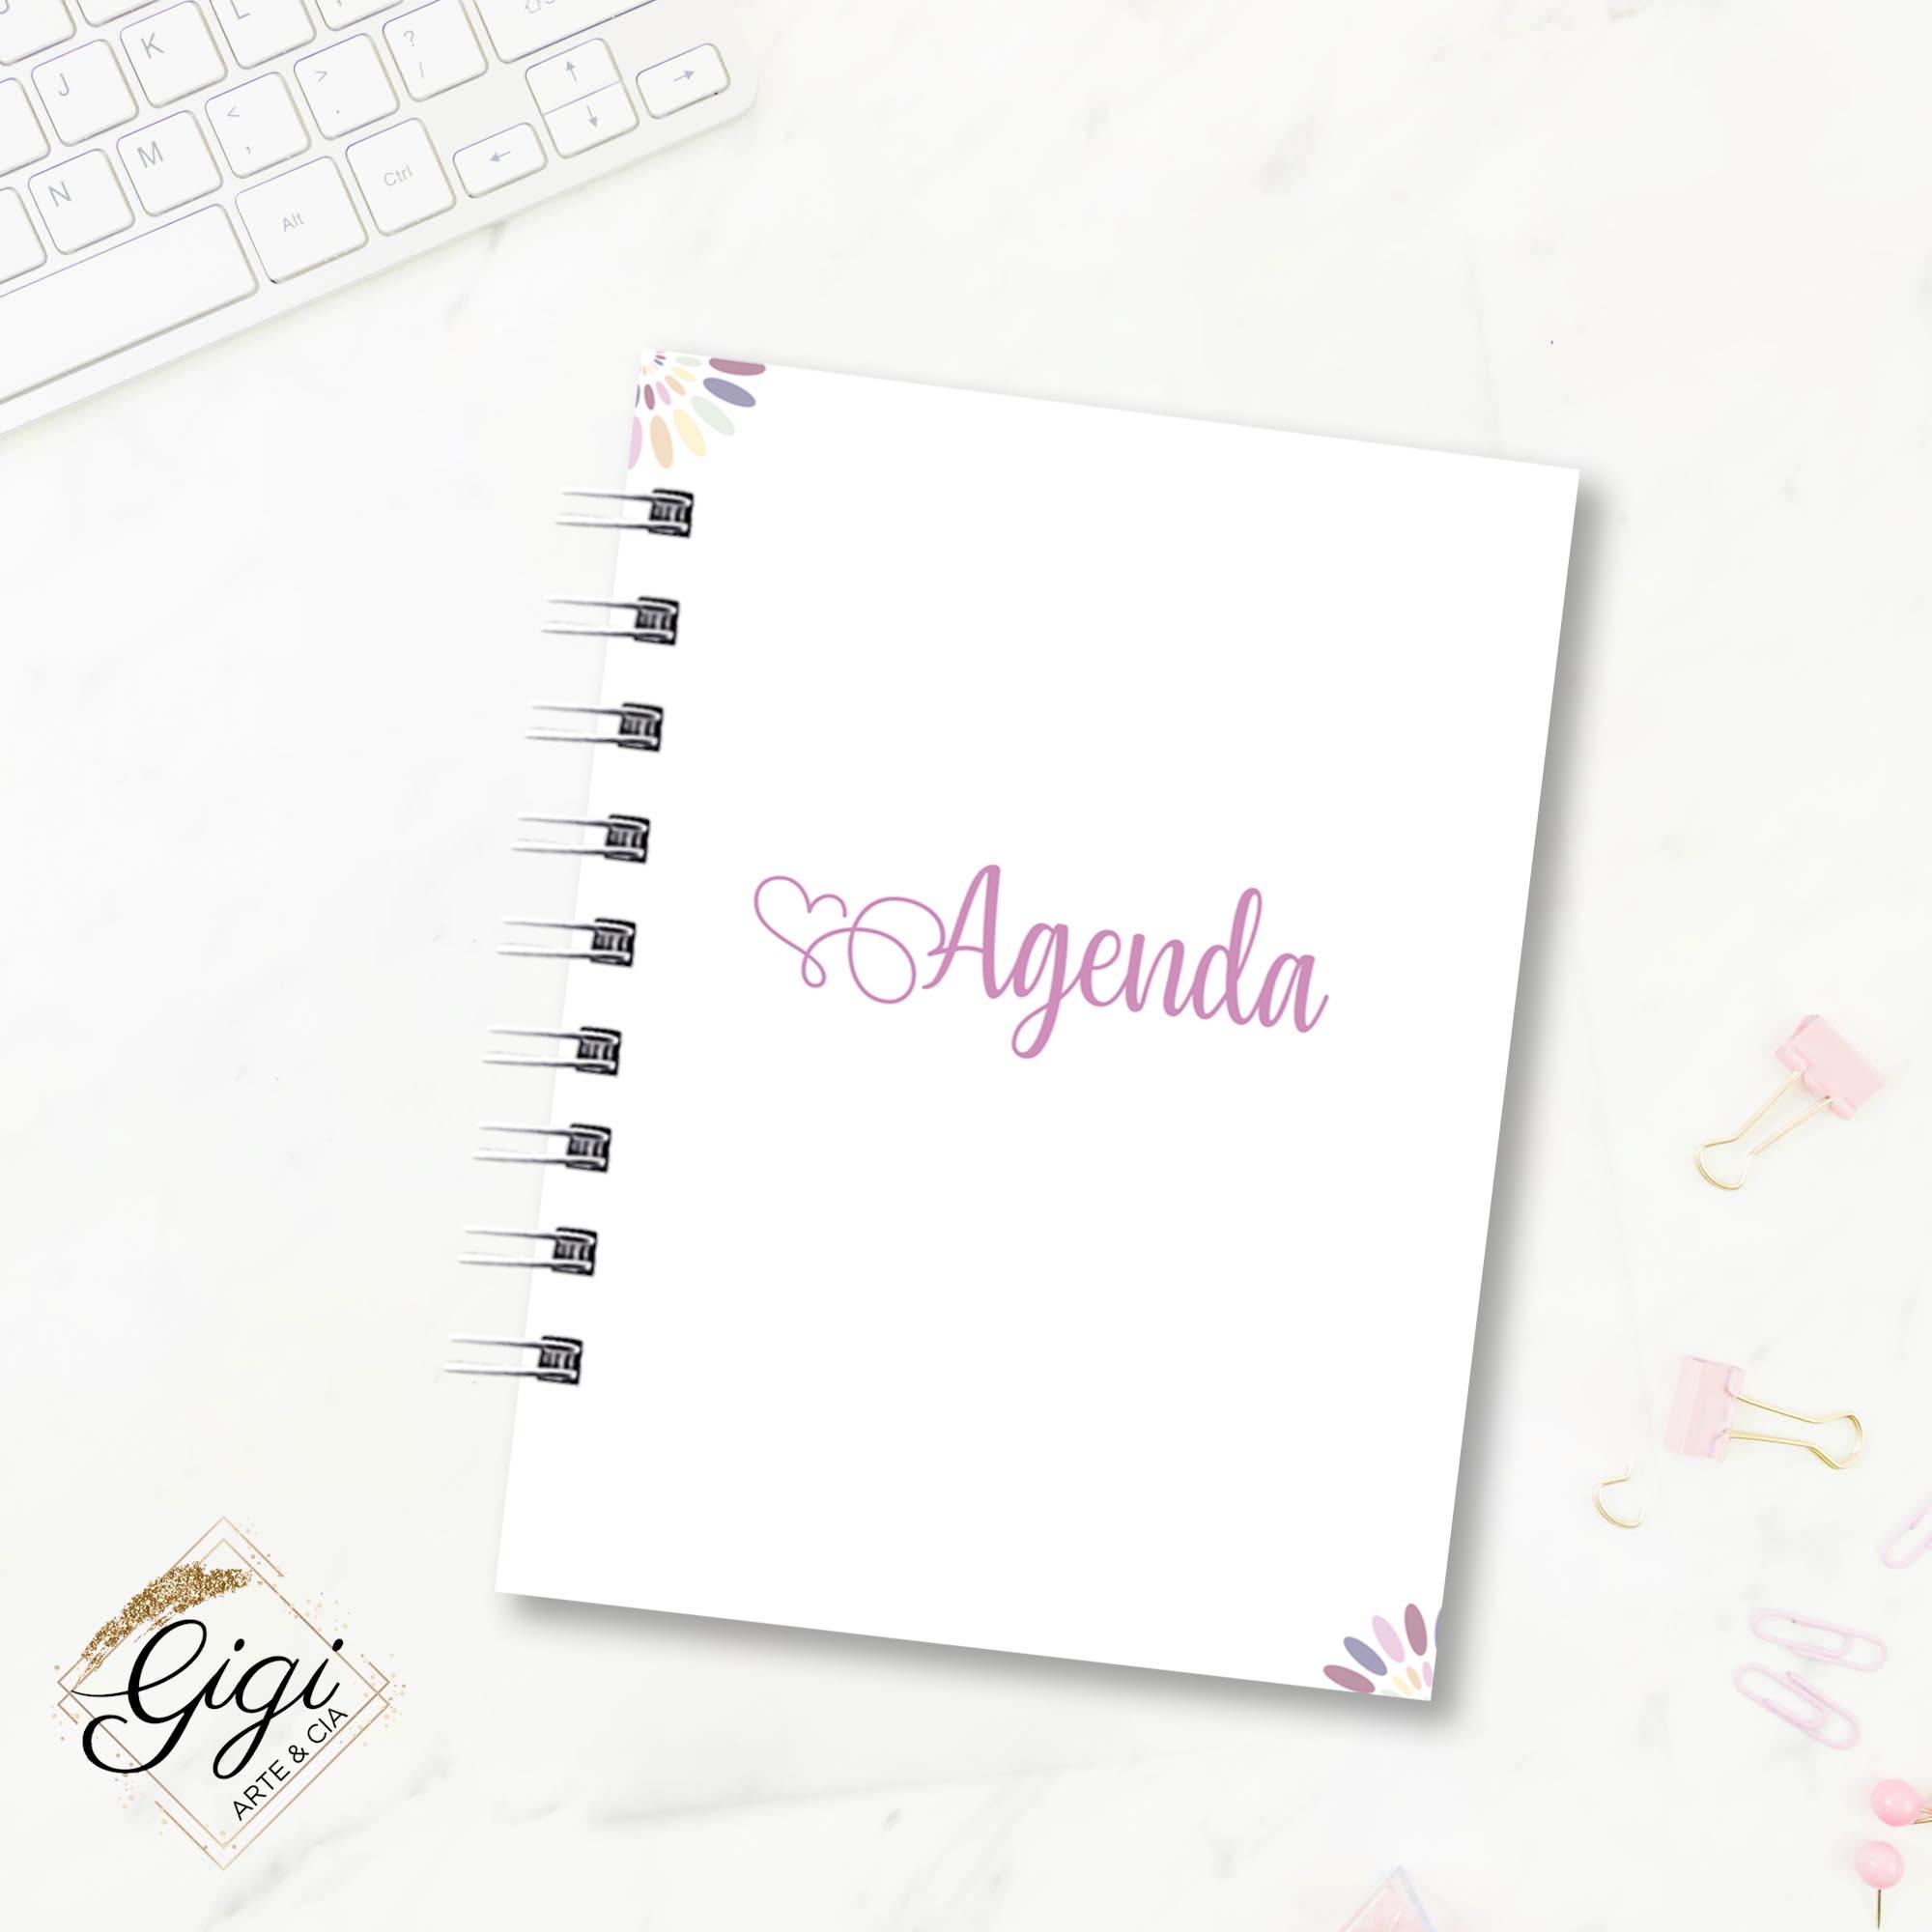 Agenda Permanente A6 - Ao Mestre com Carinho  - Gigi Arte e Cia